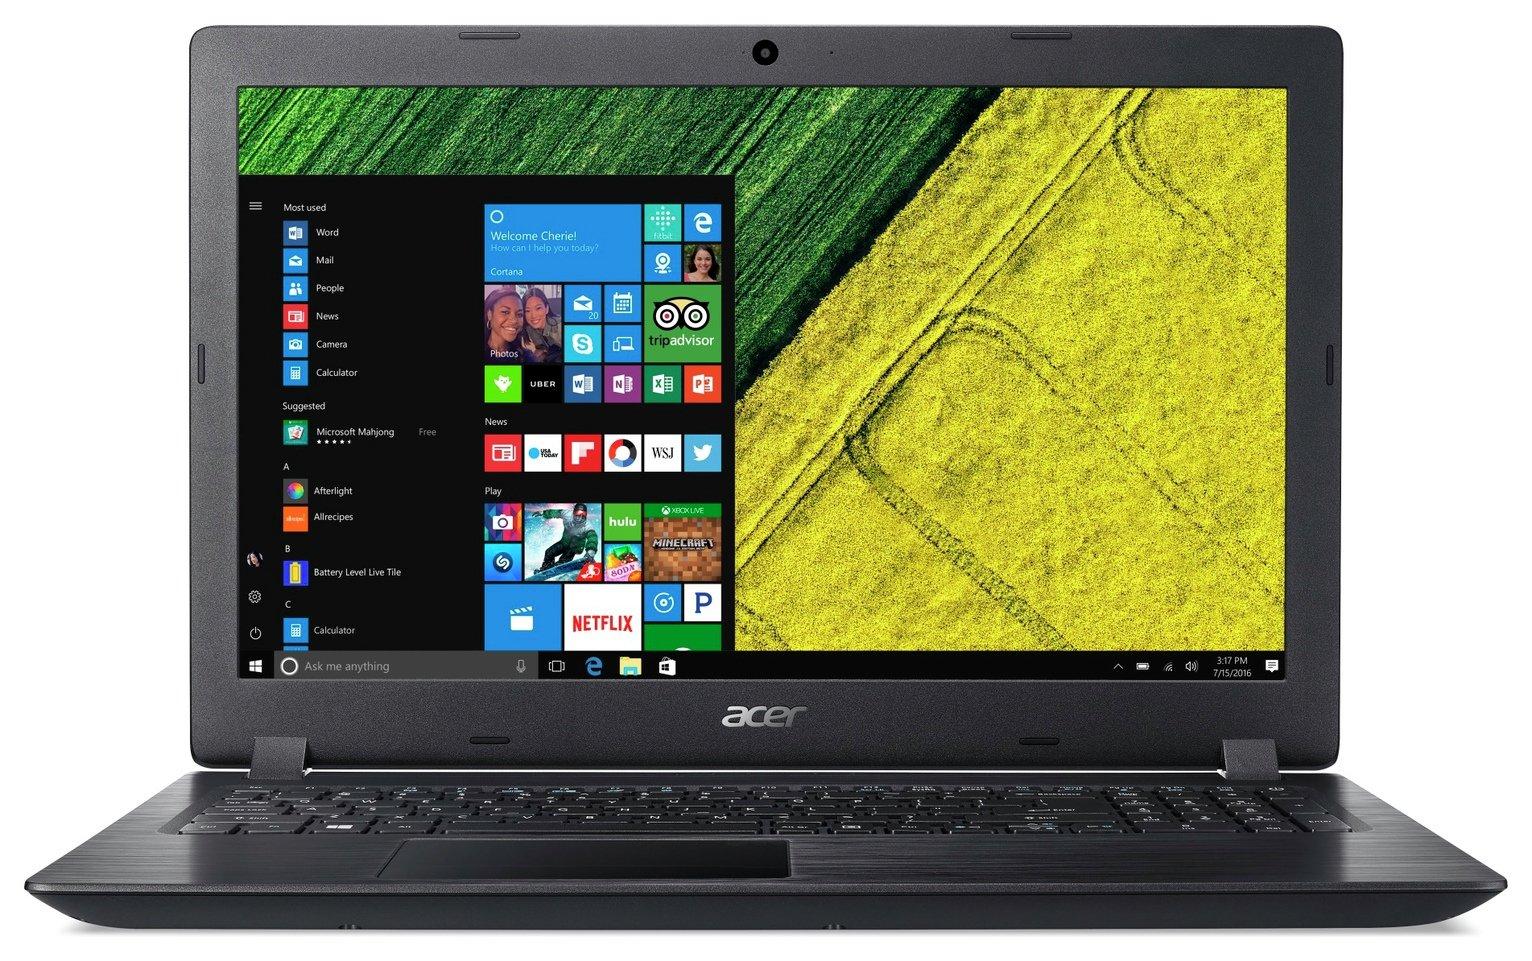 Acer Aspire 3 15.6 Inch AMD A6 4GB 1TB FHD Laptop - Black